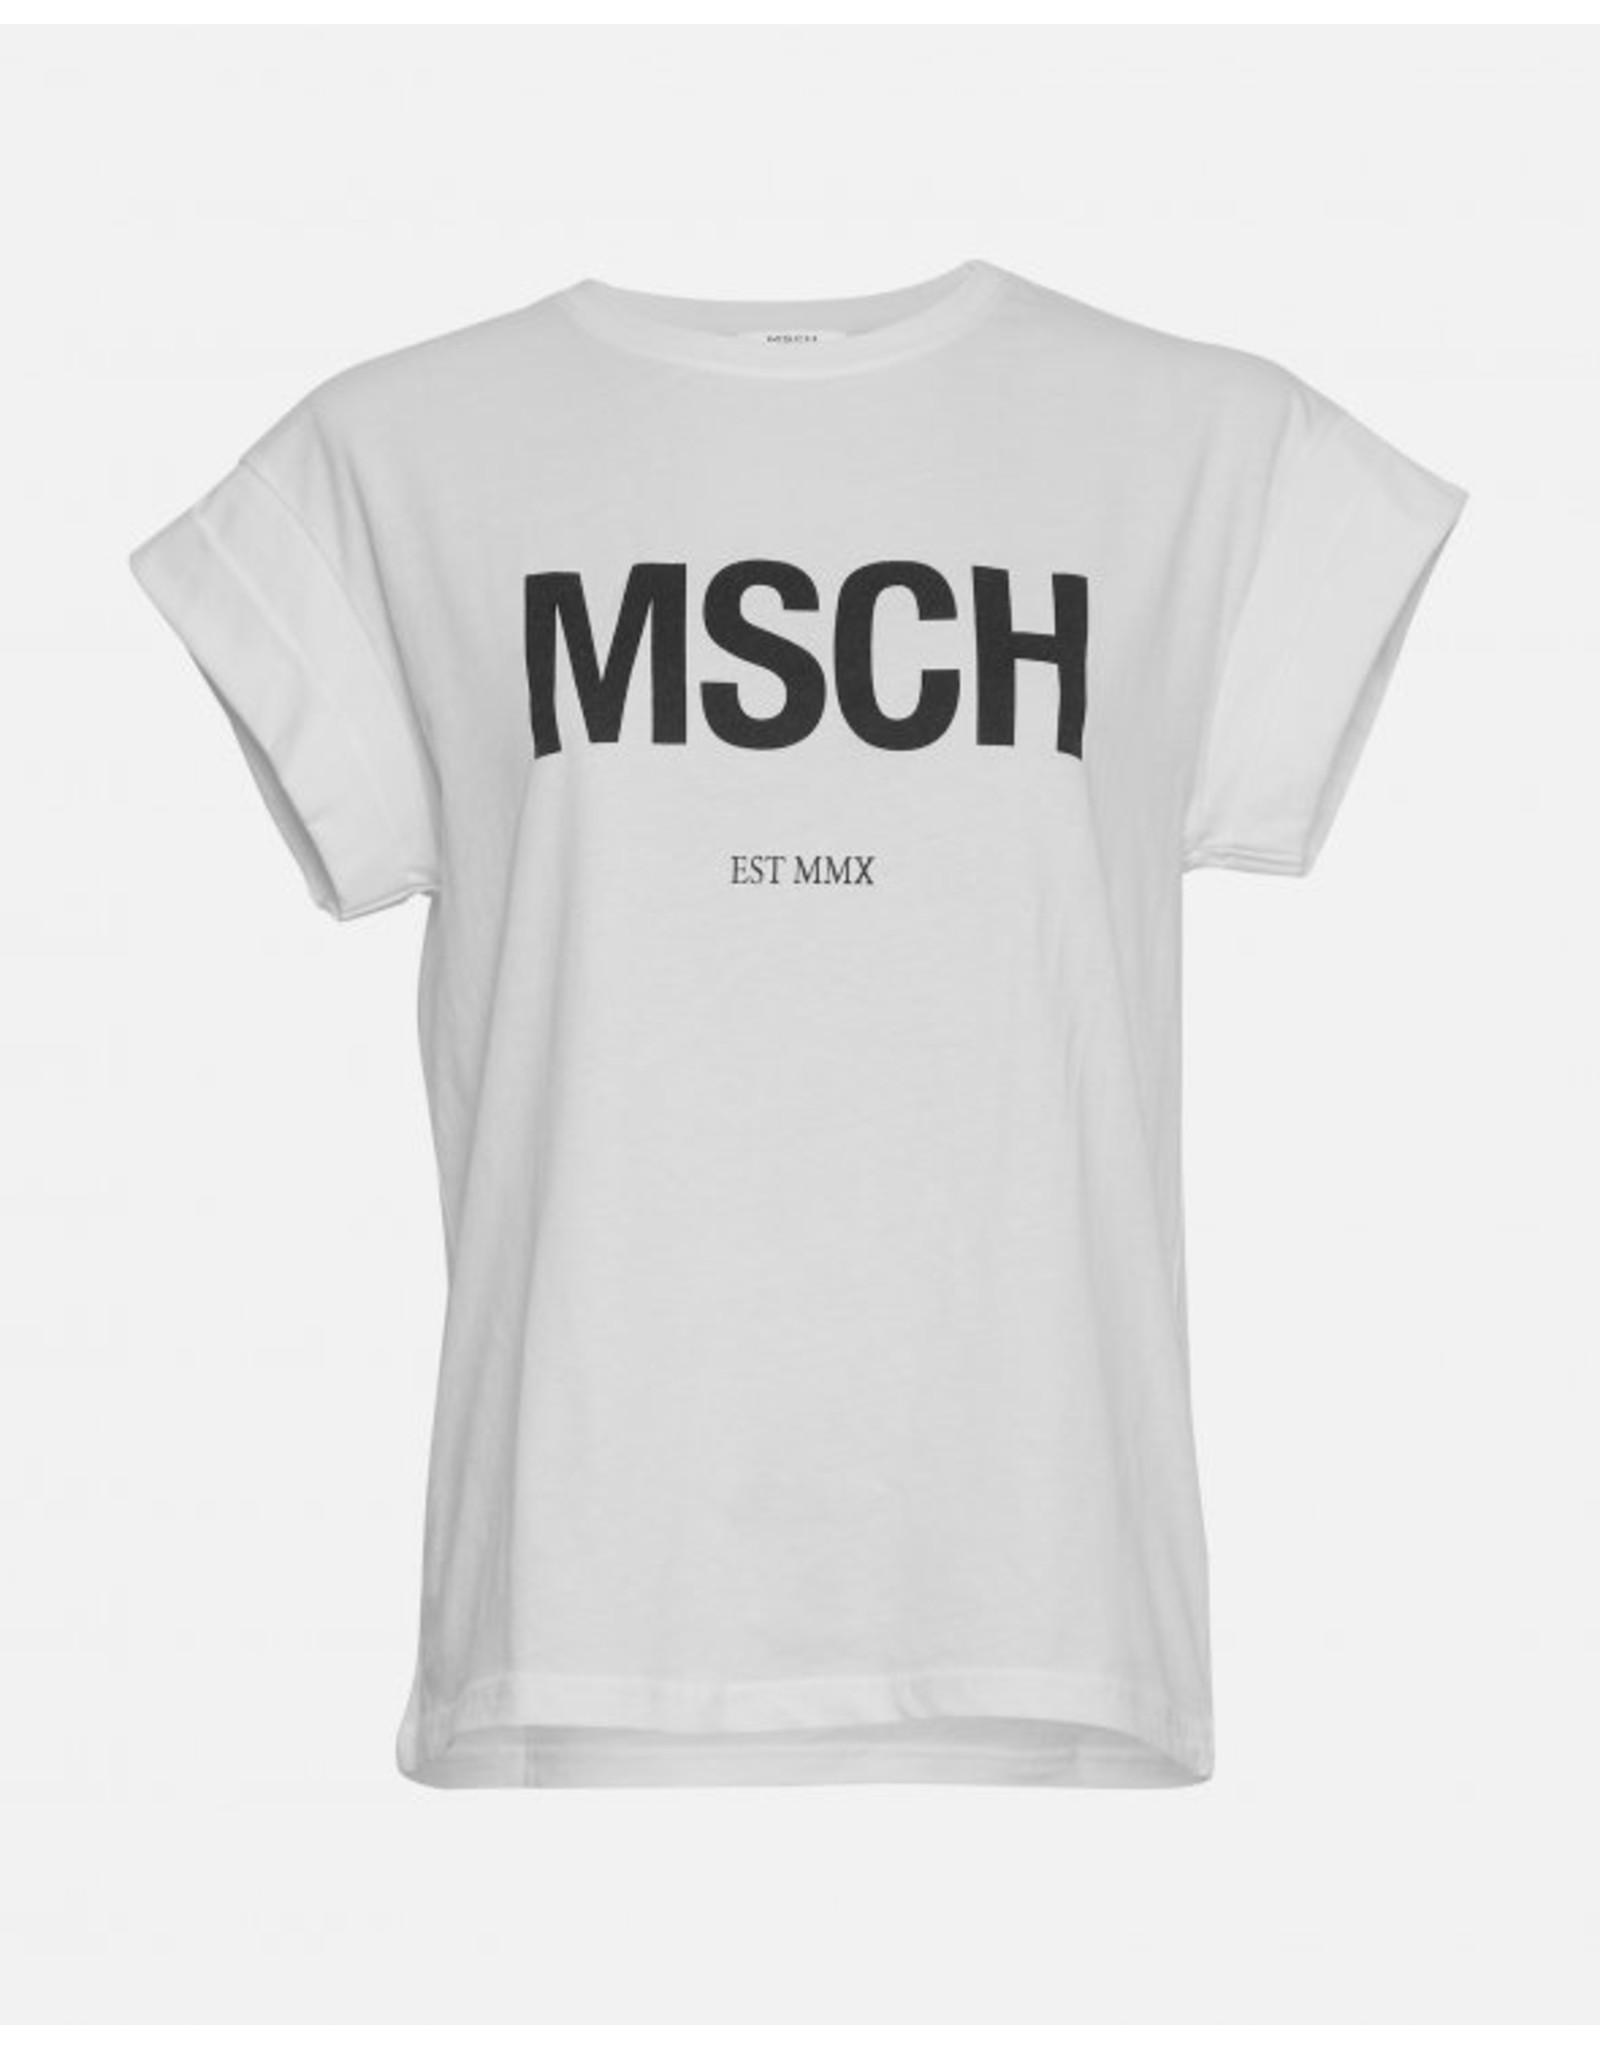 Moss Copenhagen - MSCH T-shirt - MSCH STD - white/black